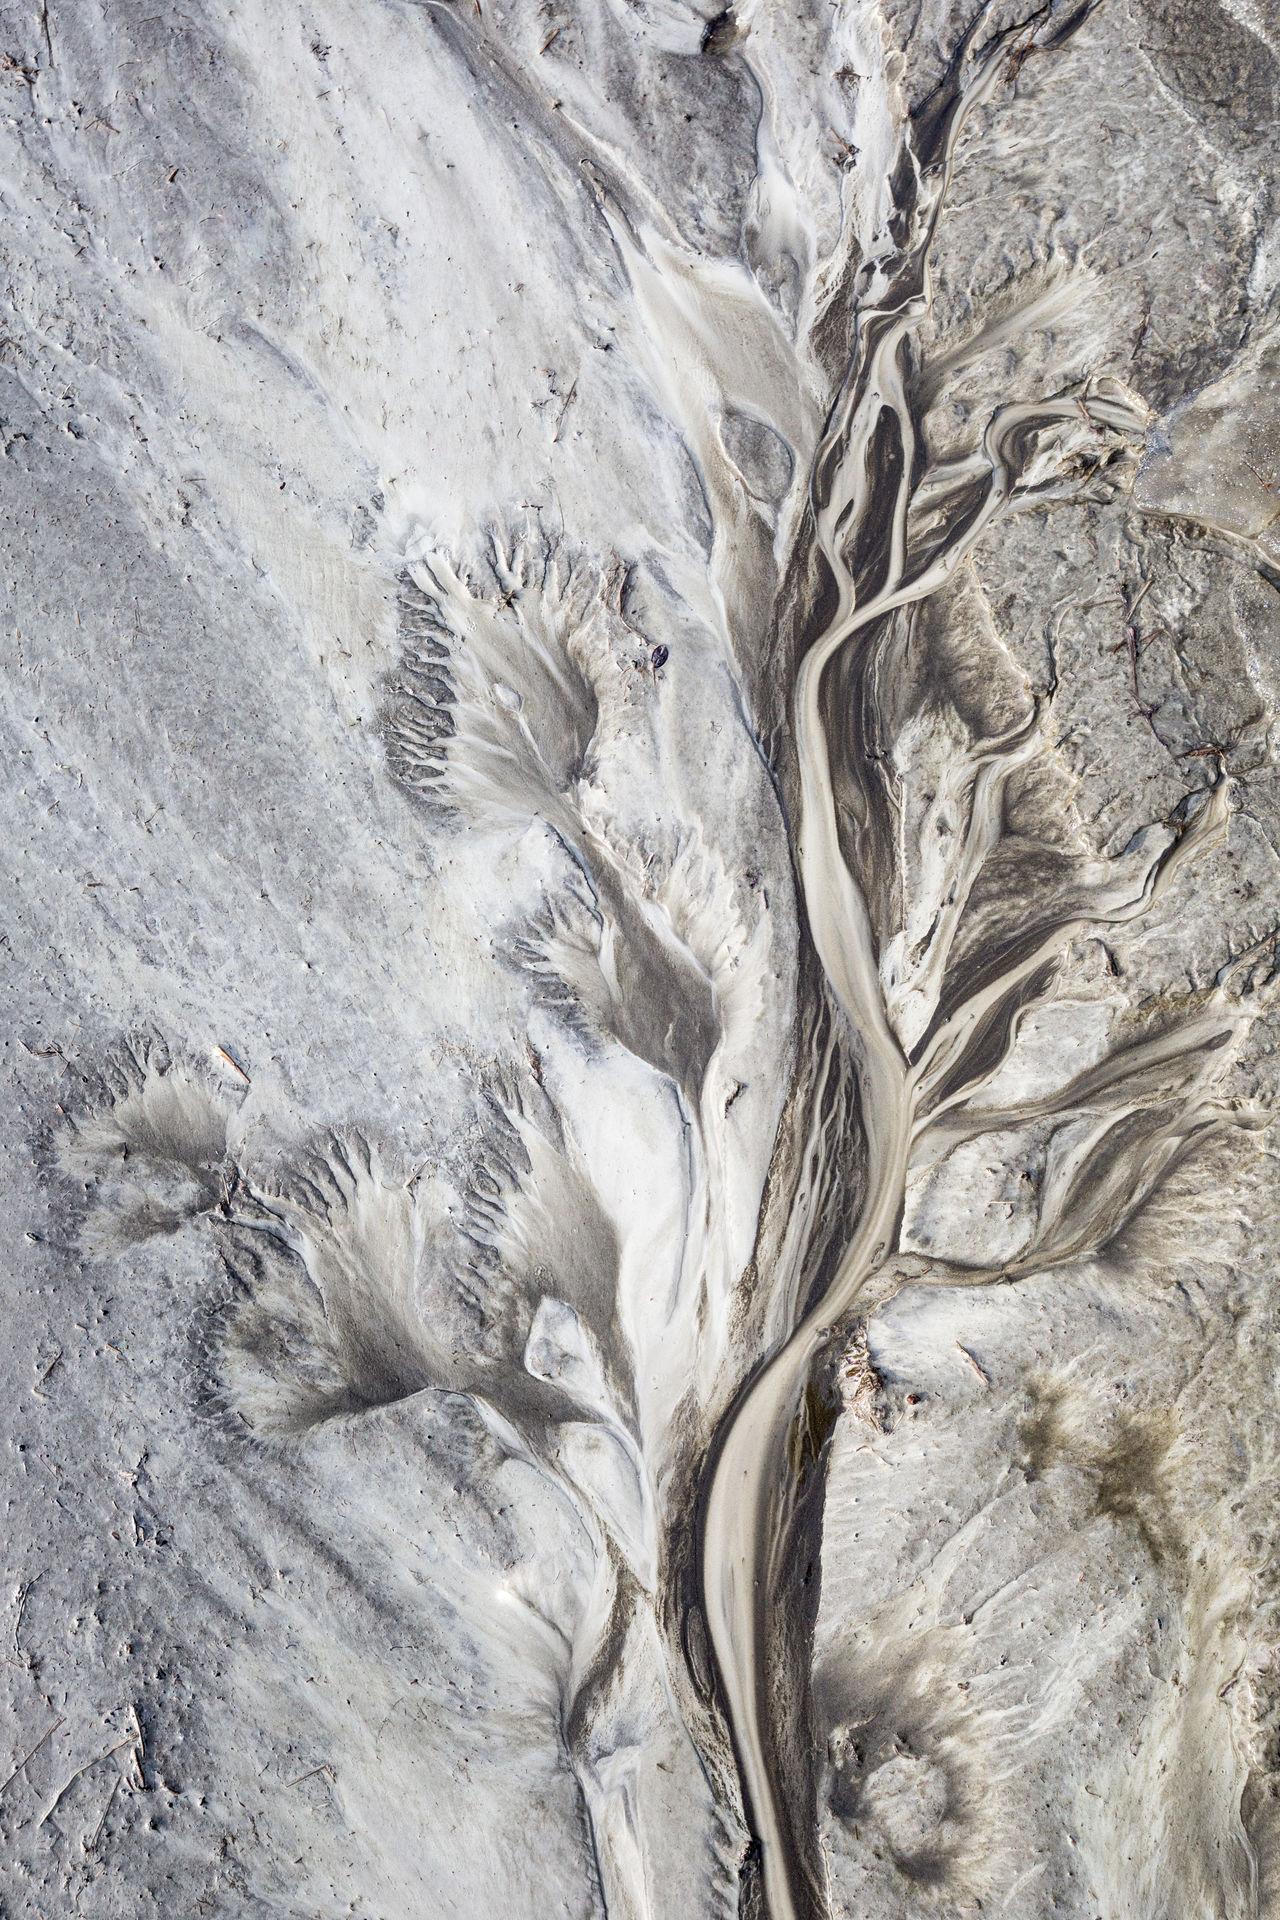 High angle view of sand